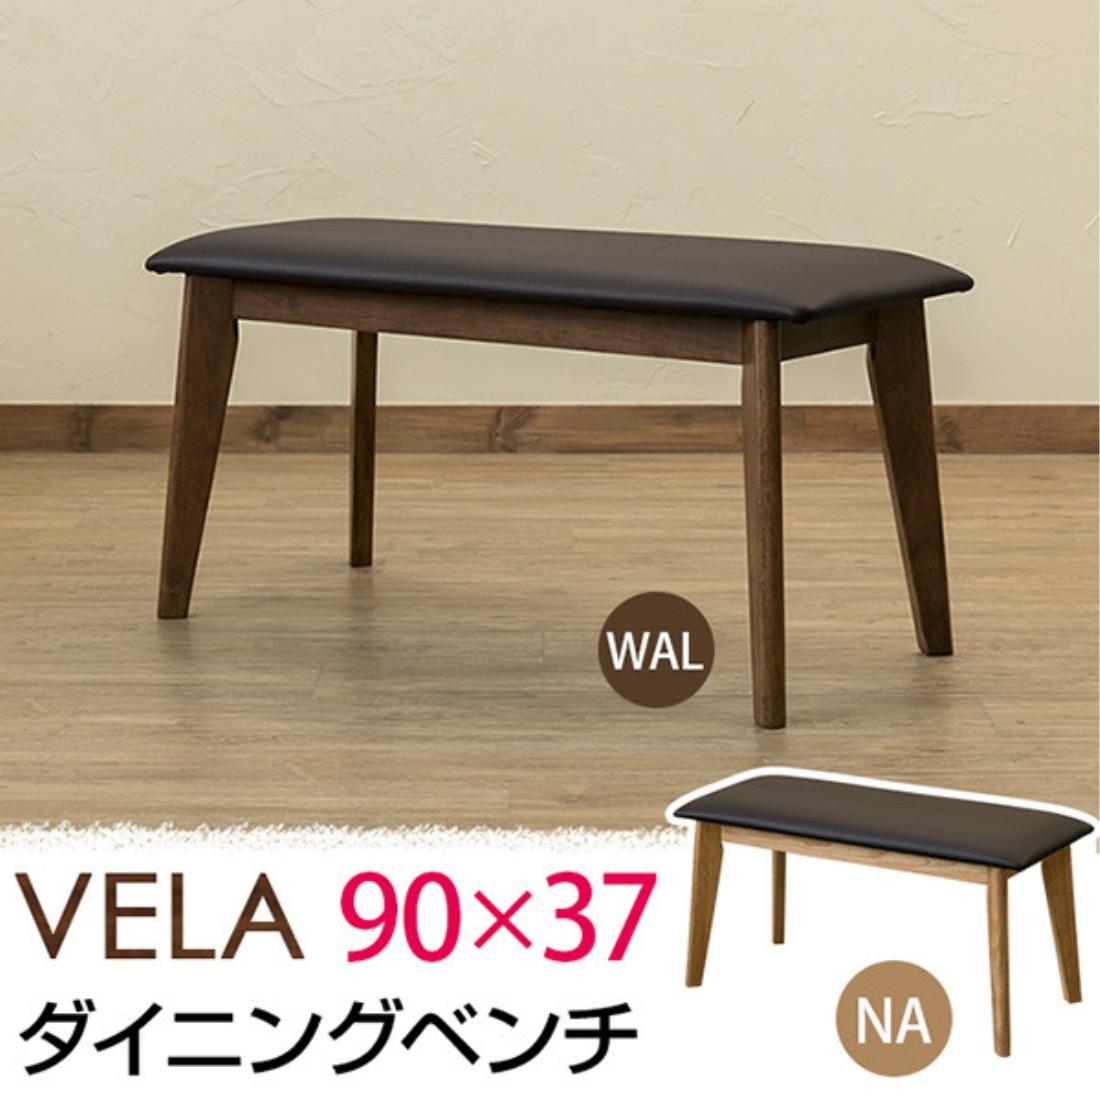 インテリア 家具 VELAダイニングベンチ チェアー 椅子 チェア